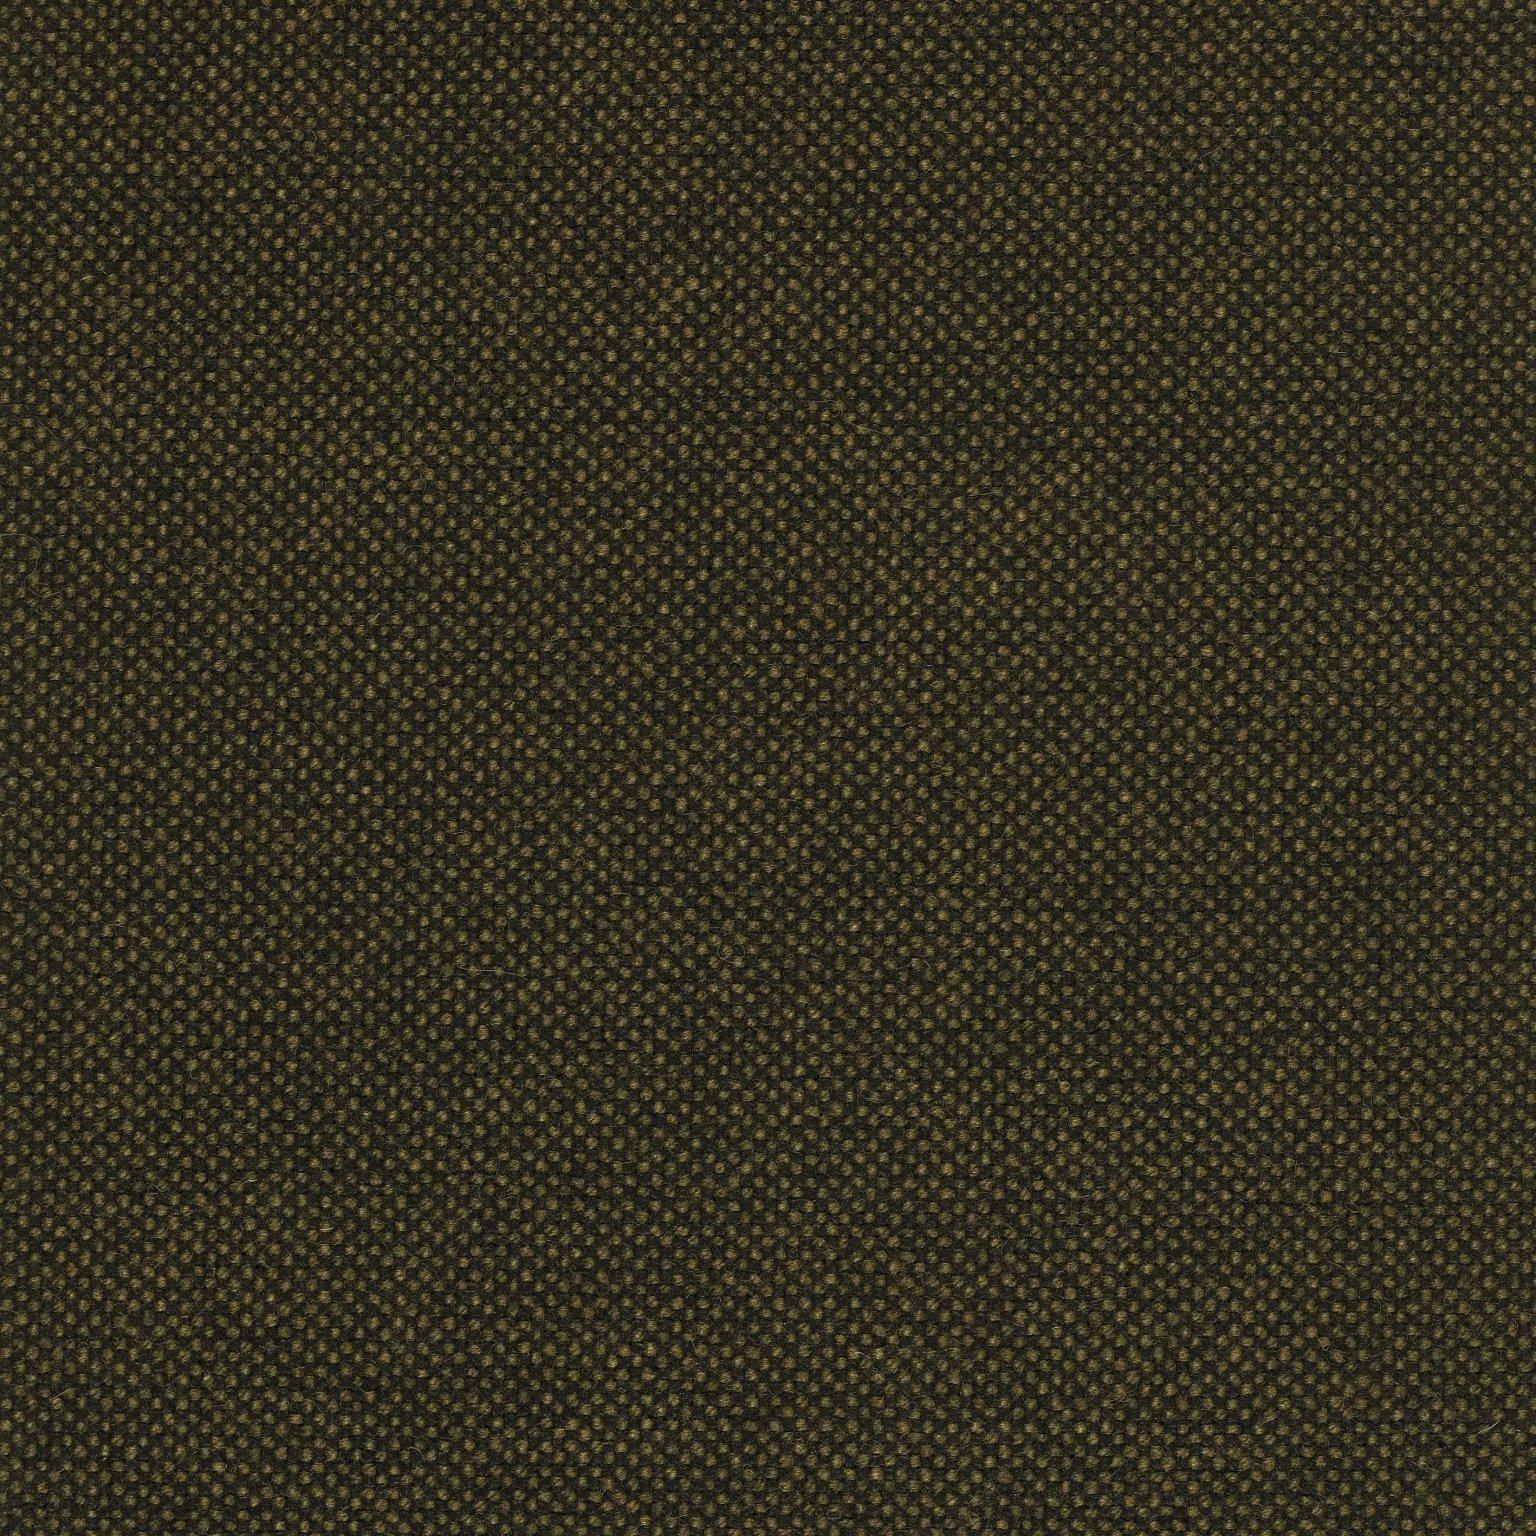 mørkebrun-sort malange hallingdal 65-0